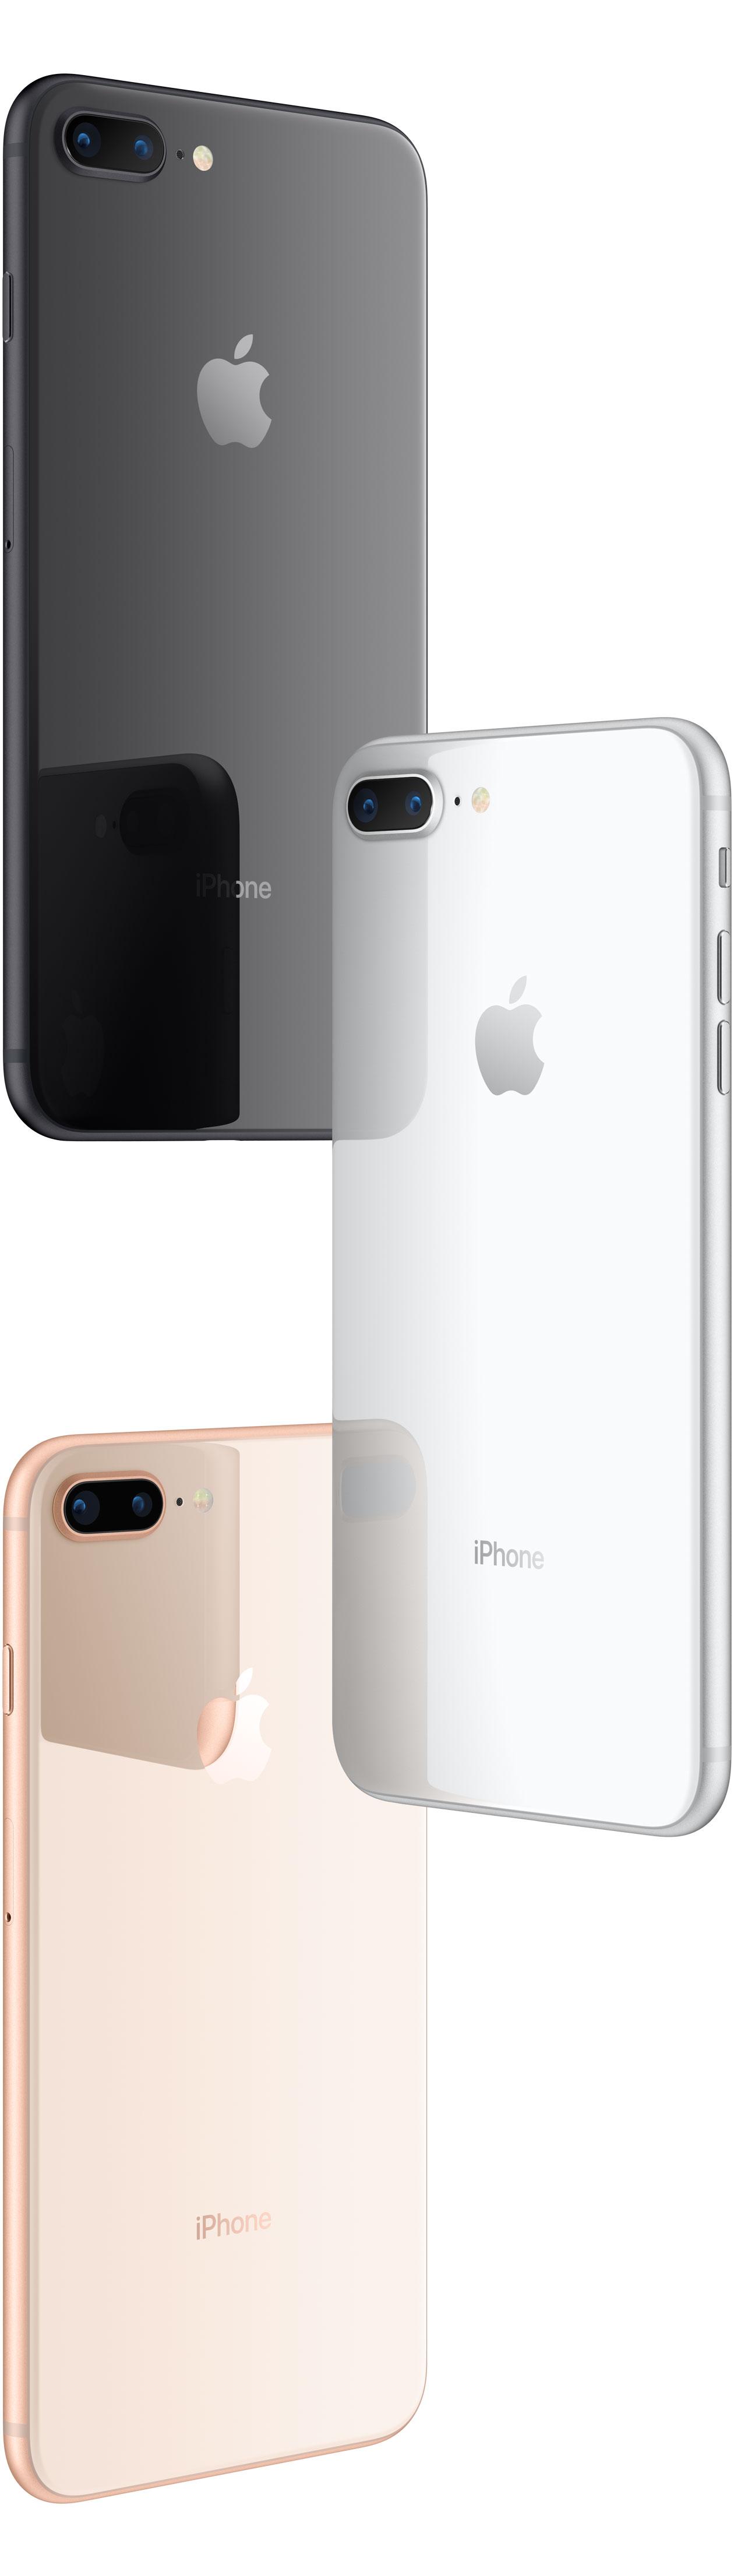 iPhones 8 Plus em pé